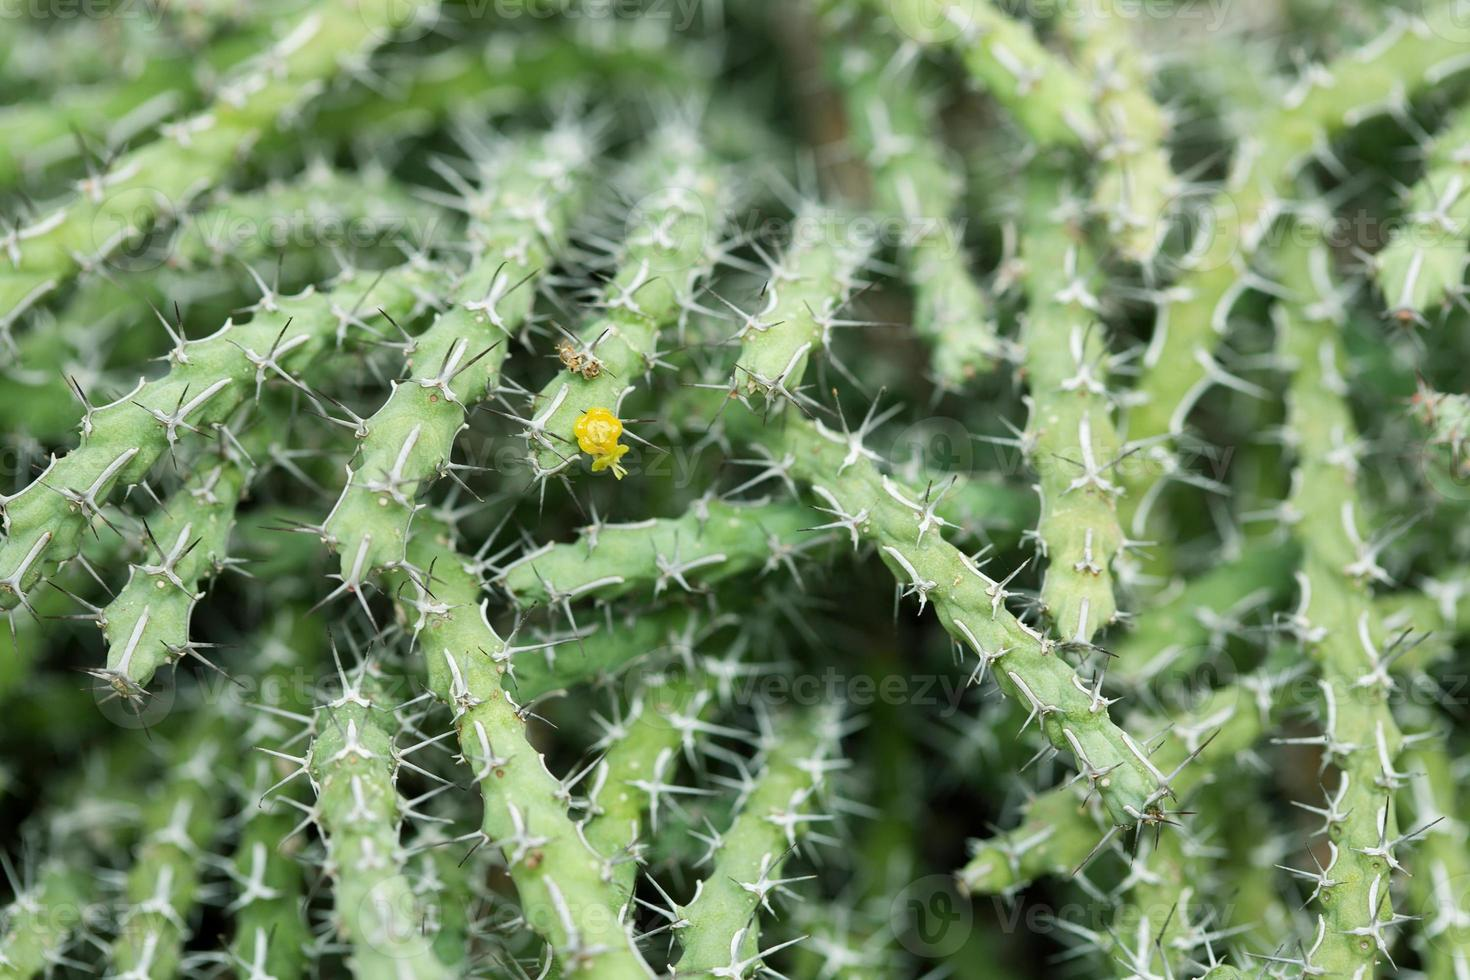 Cactus close-up photo